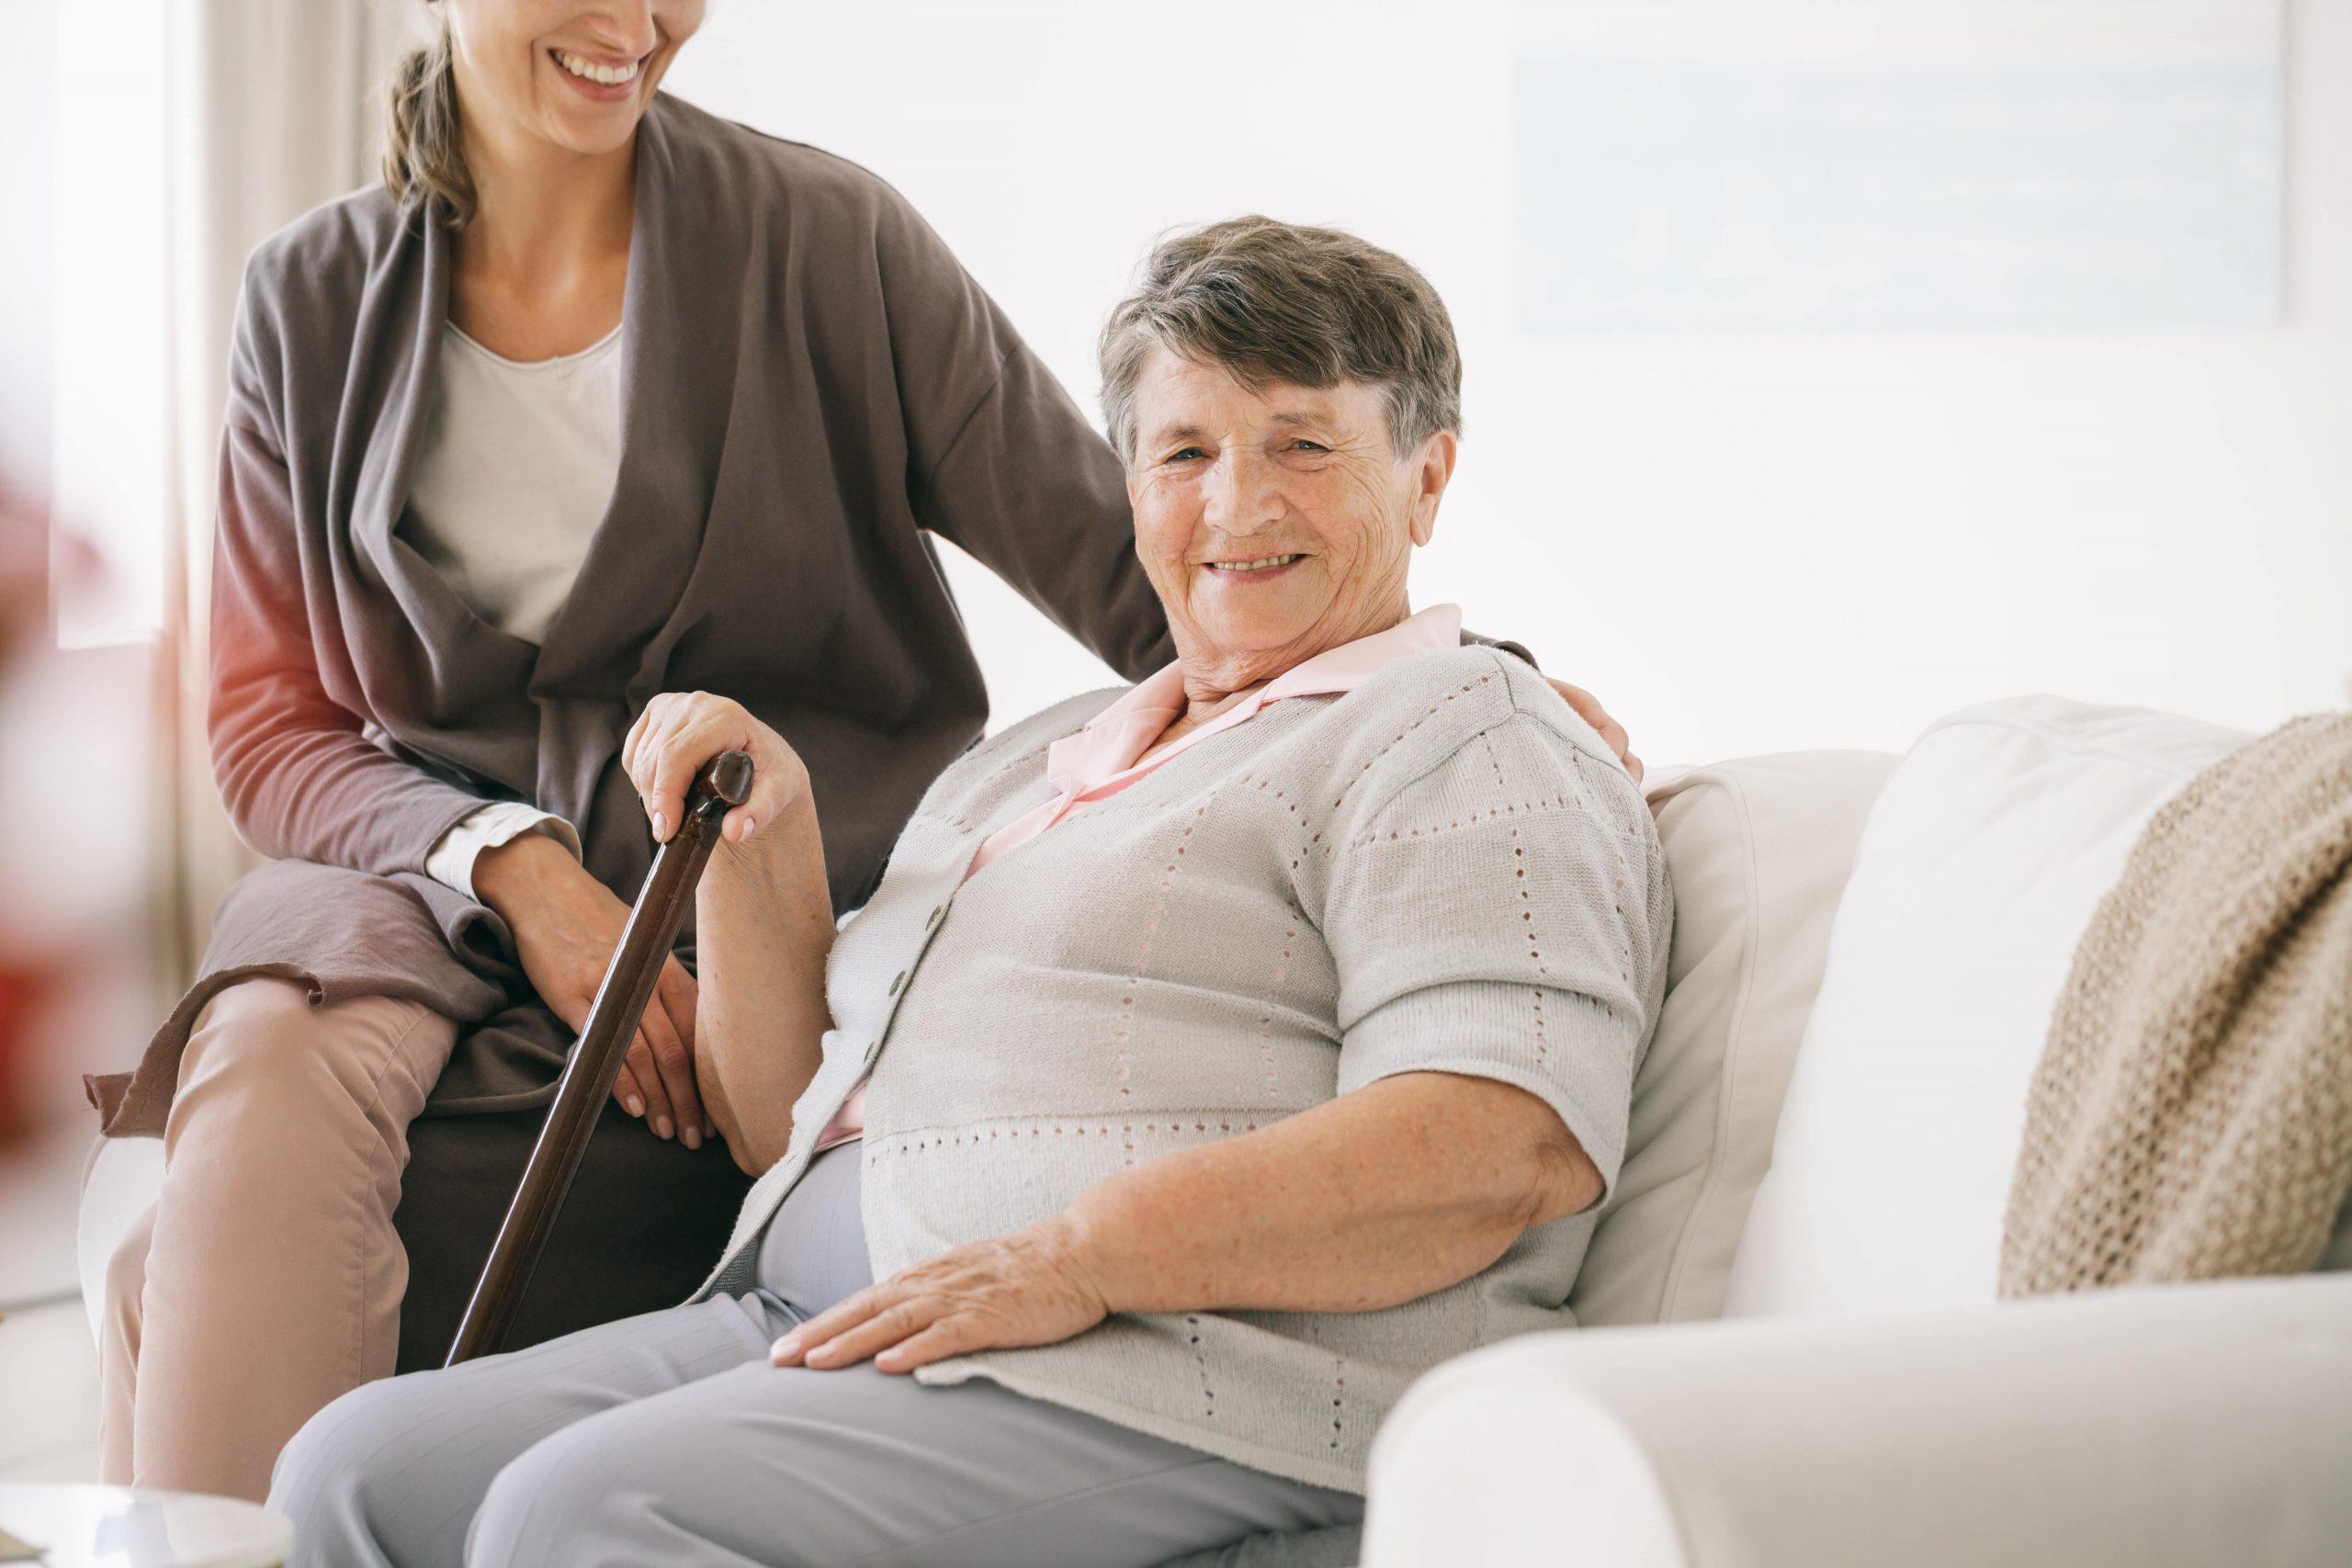 oudere vrouw krijgt verzorging van verpleegster